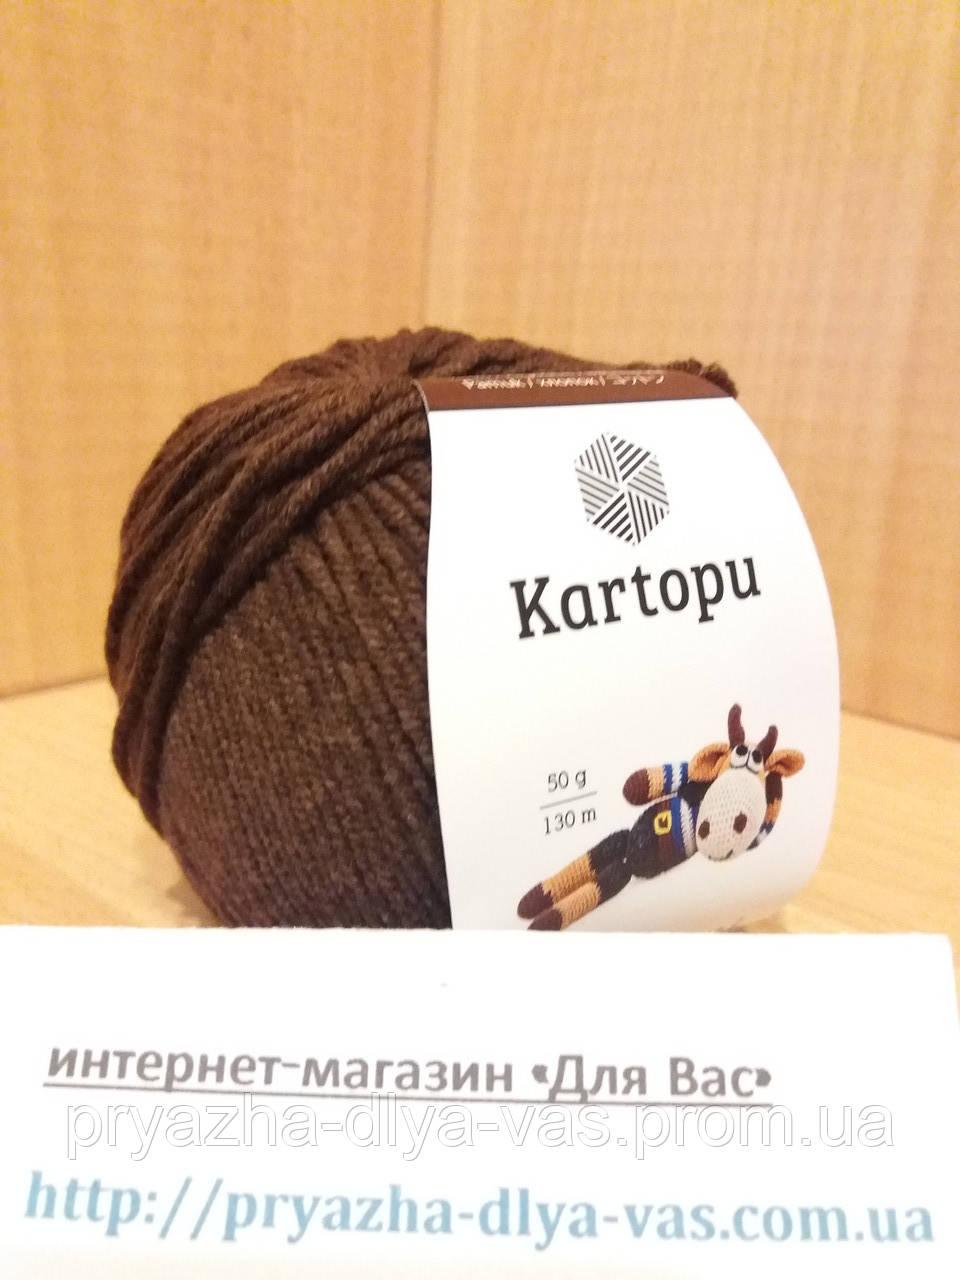 Летняя пряжа (49%-хлопок, 51%- акрил; 50г/ 130м) Kartopu Amigurumi K890